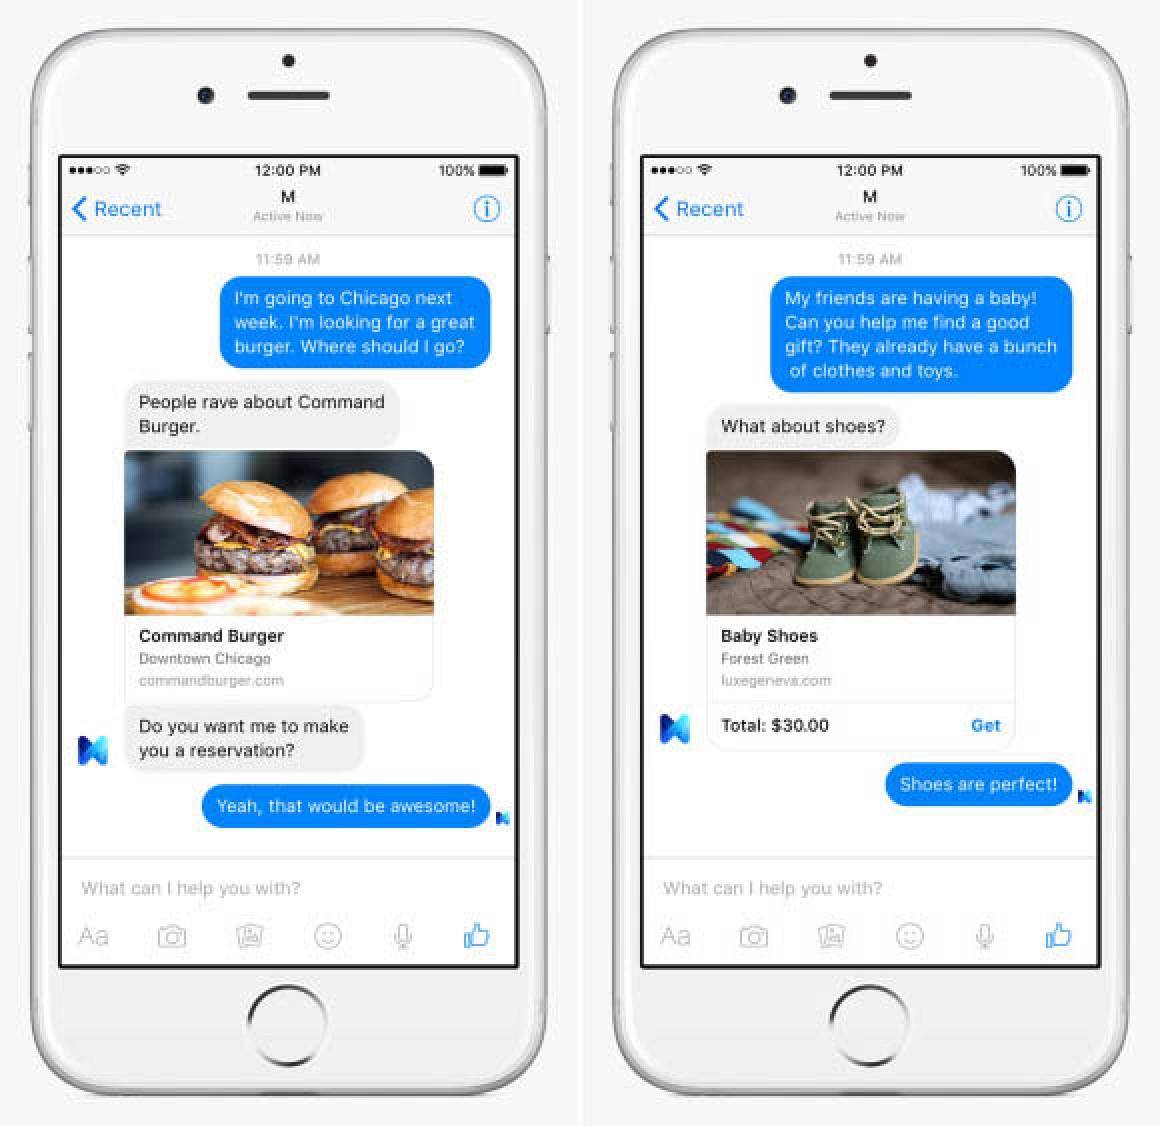 facebook testing siri competitor 39 m 39 inside messenger app. Black Bedroom Furniture Sets. Home Design Ideas